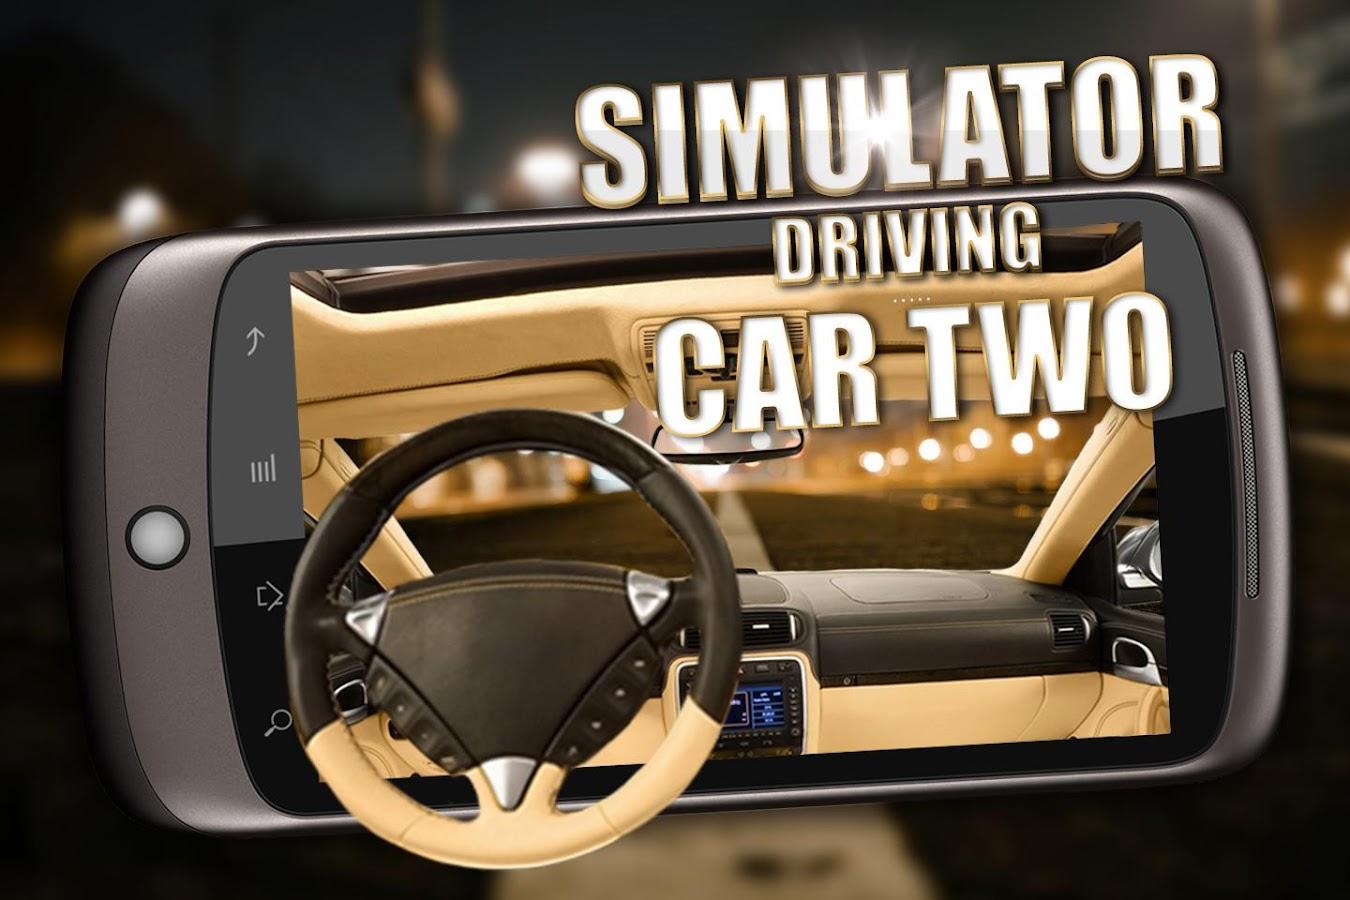 Simulator-driving-car-two 8